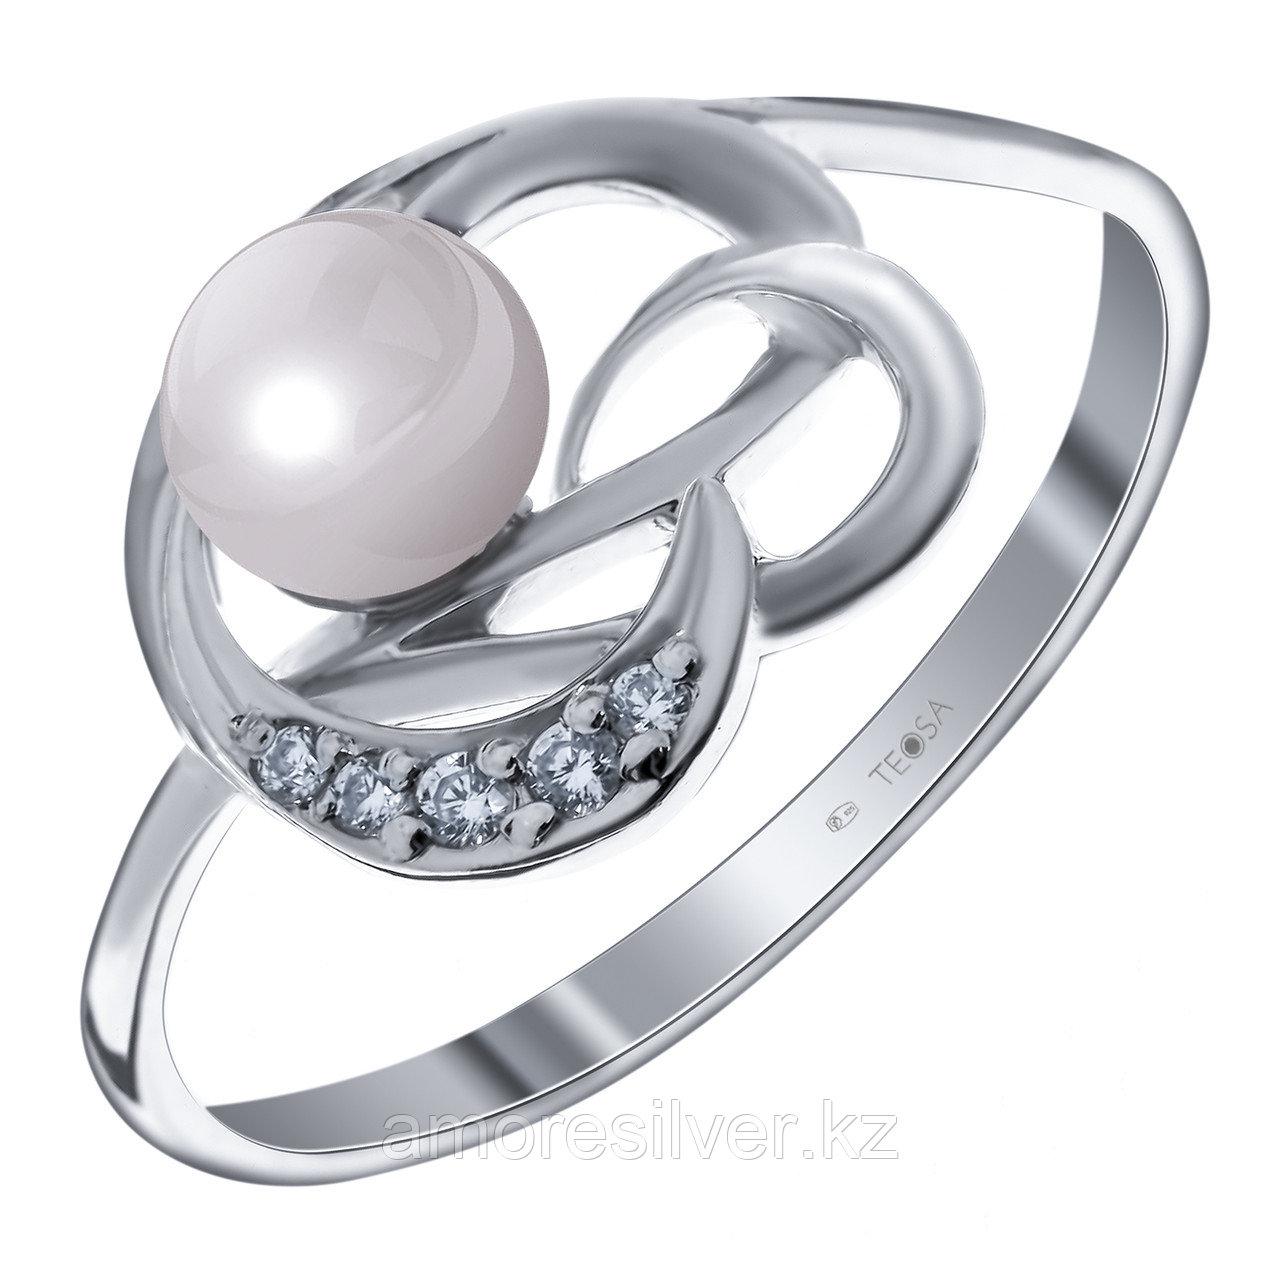 Серебряное кольцо с жемчугом и фианитом TEOSA 190-5-500 размеры - 17